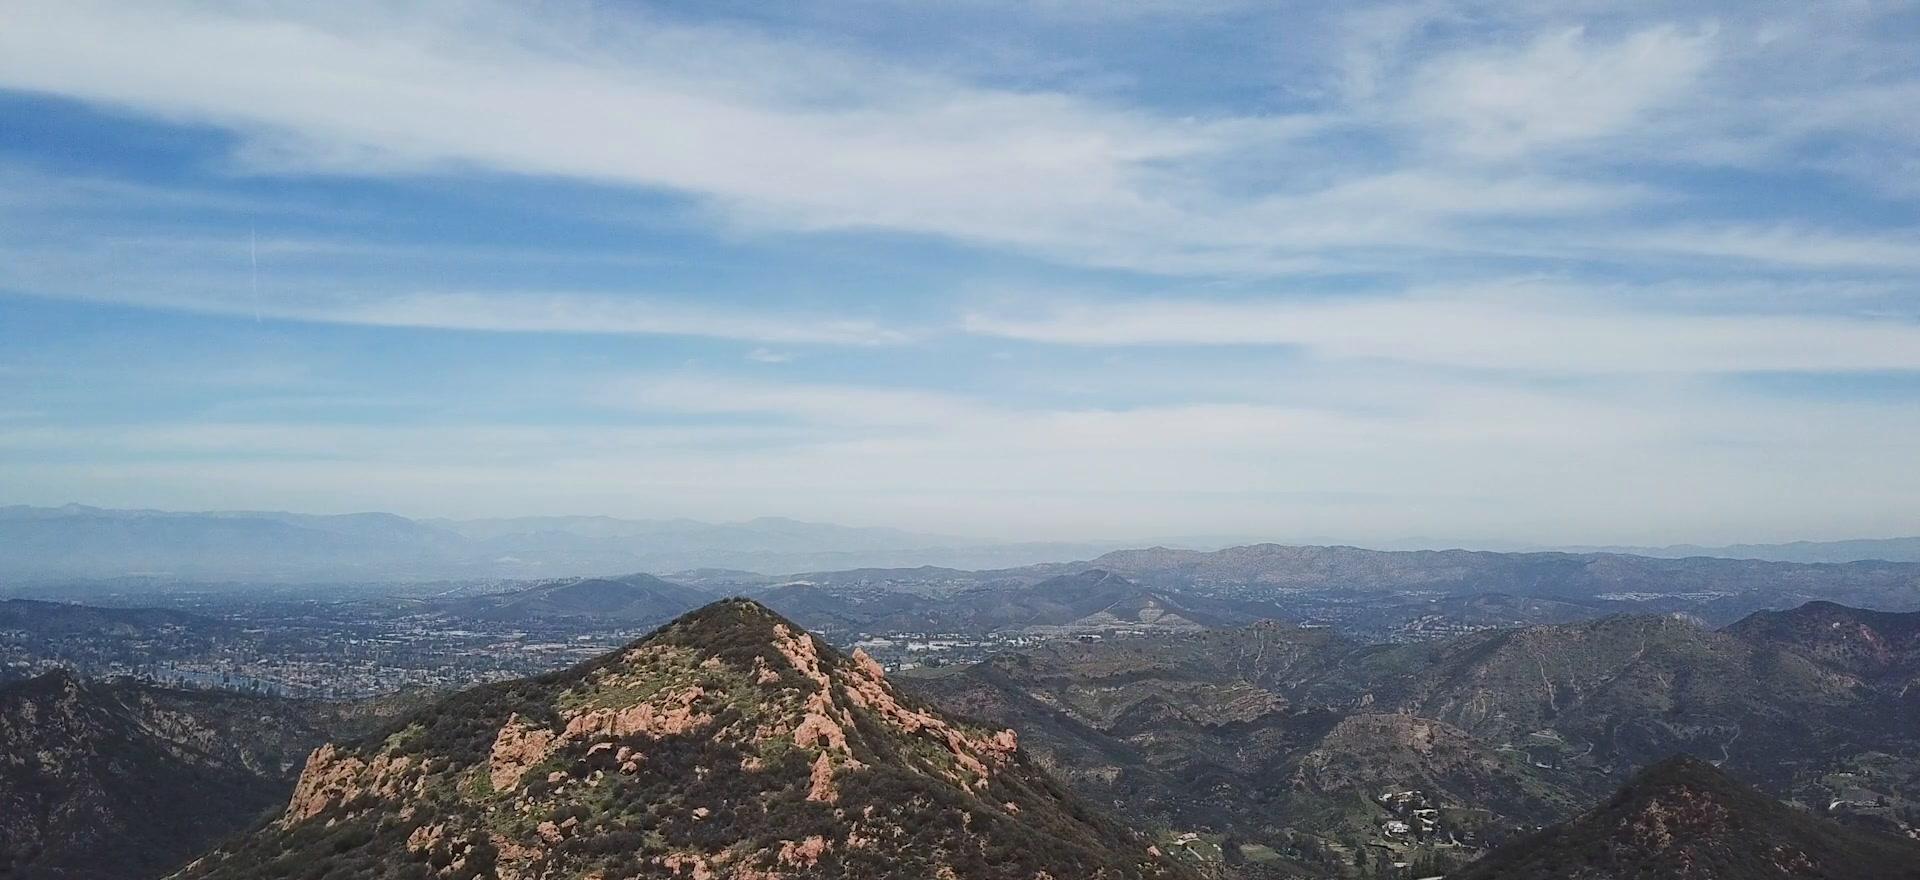 Victor + Hannah | Malibu, California | Malibu Rocky Oaks